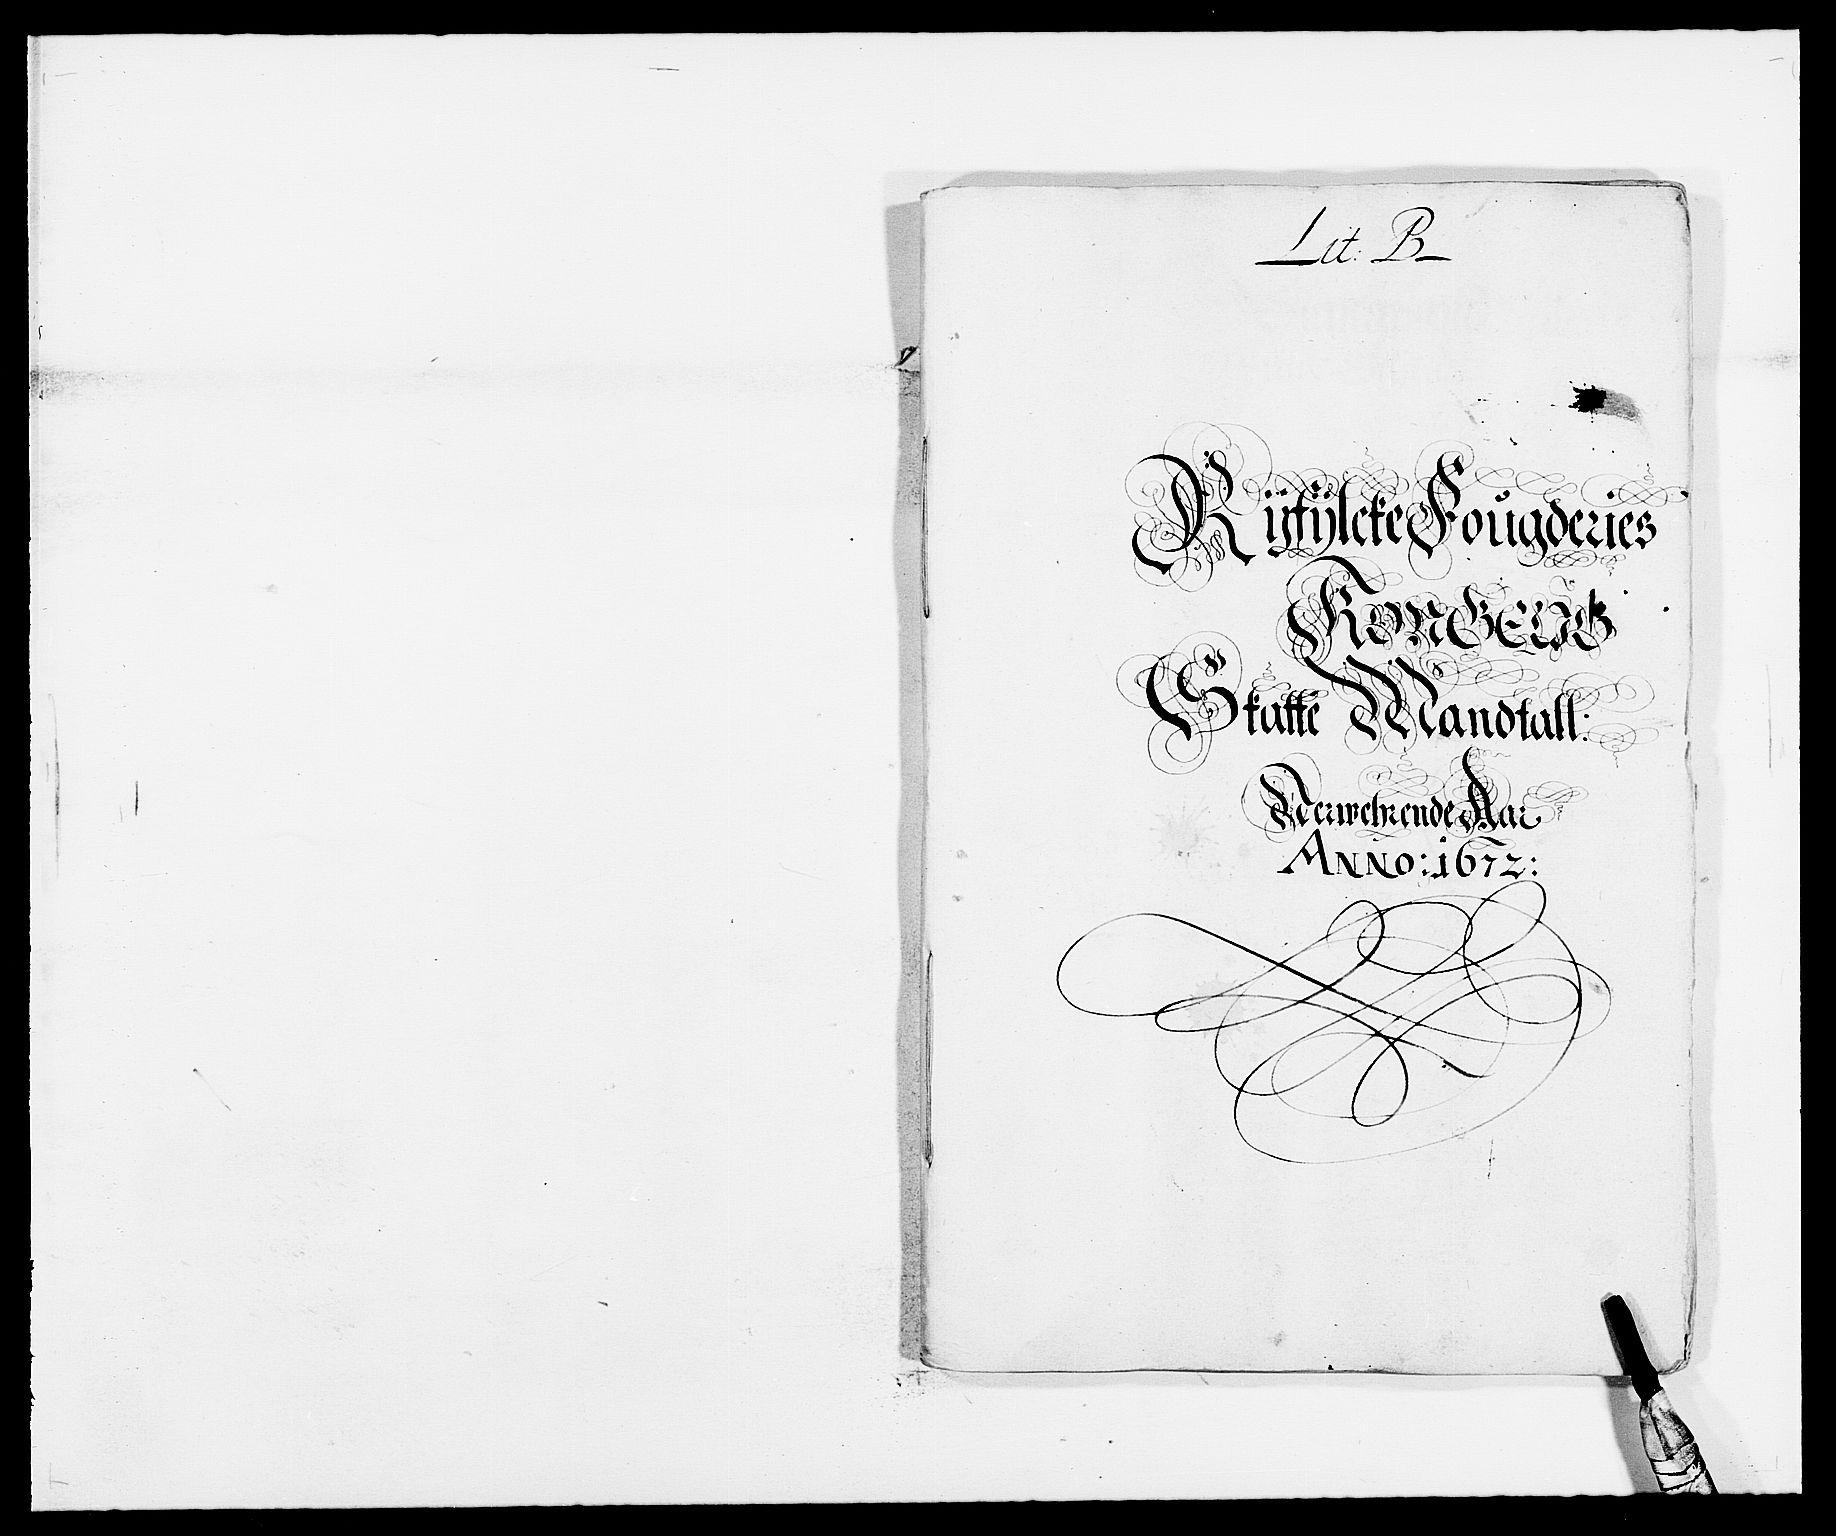 RA, Rentekammeret inntil 1814, Reviderte regnskaper, Fogderegnskap, R47/L2844: Fogderegnskap Ryfylke, 1672-1673, s. 51